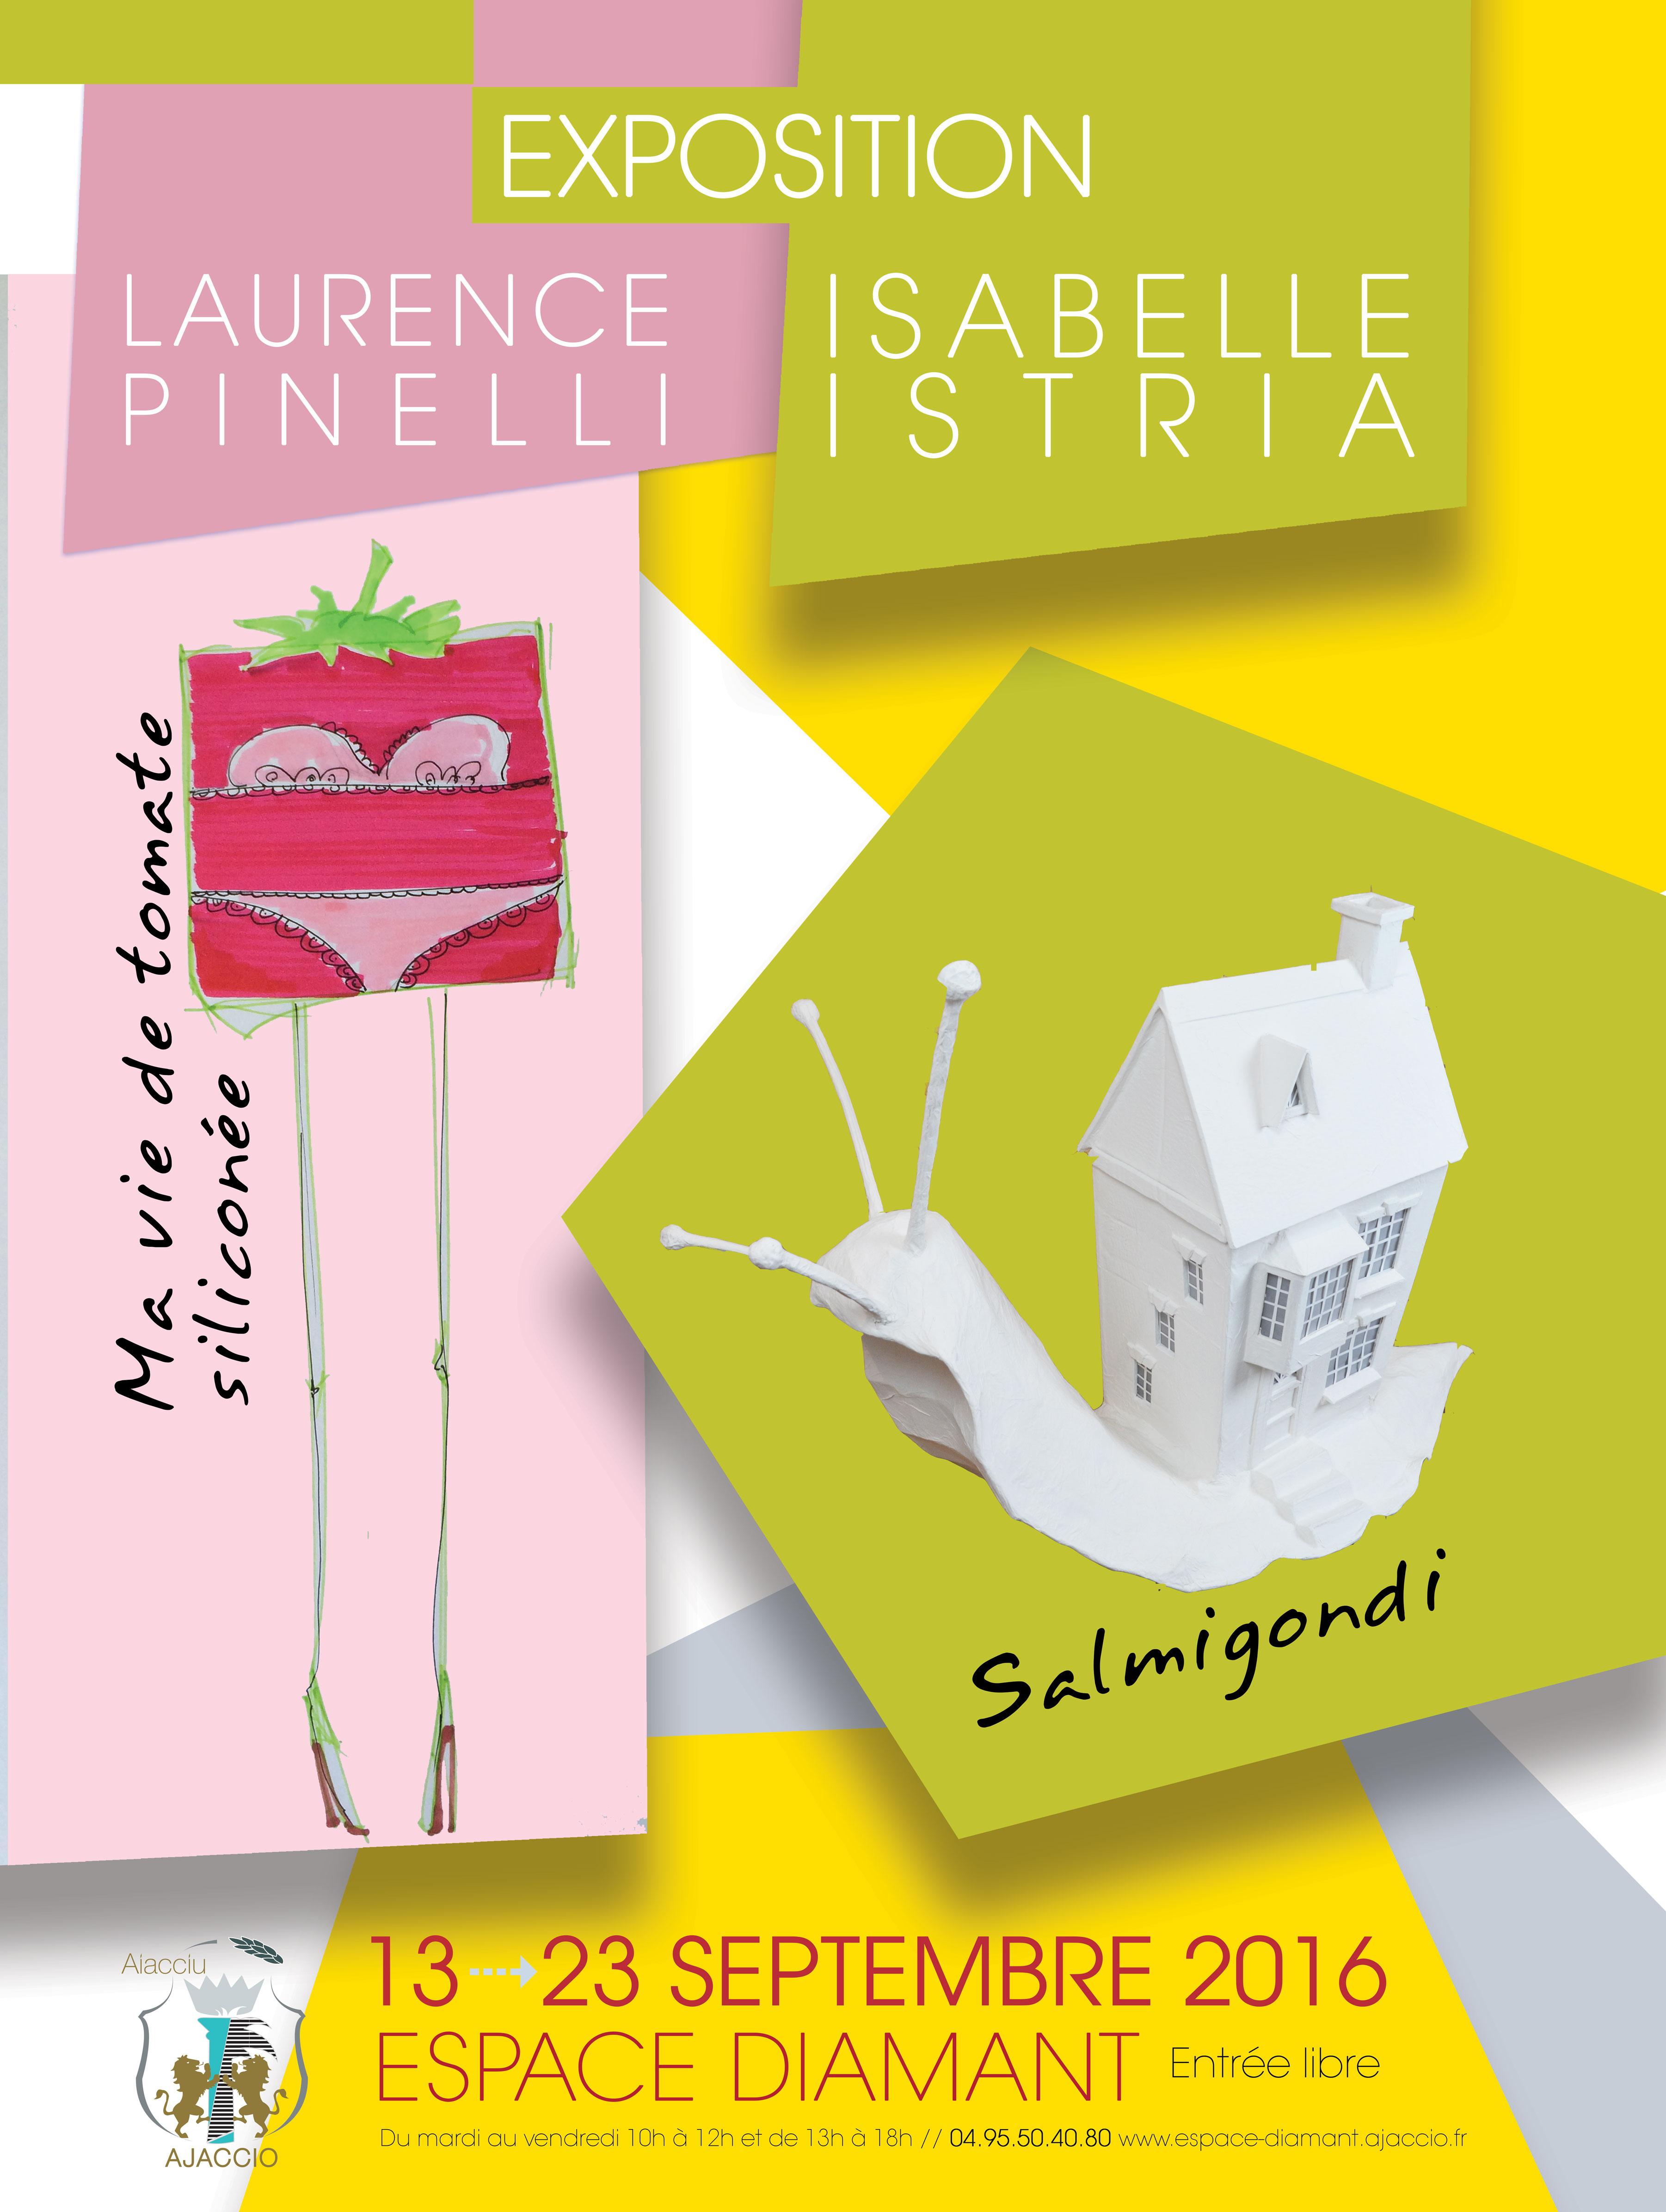 Exposition : Oeuvres de Laurence Pinelli et Isabelle Istria du 13 au 23 septembre Espace Diamant